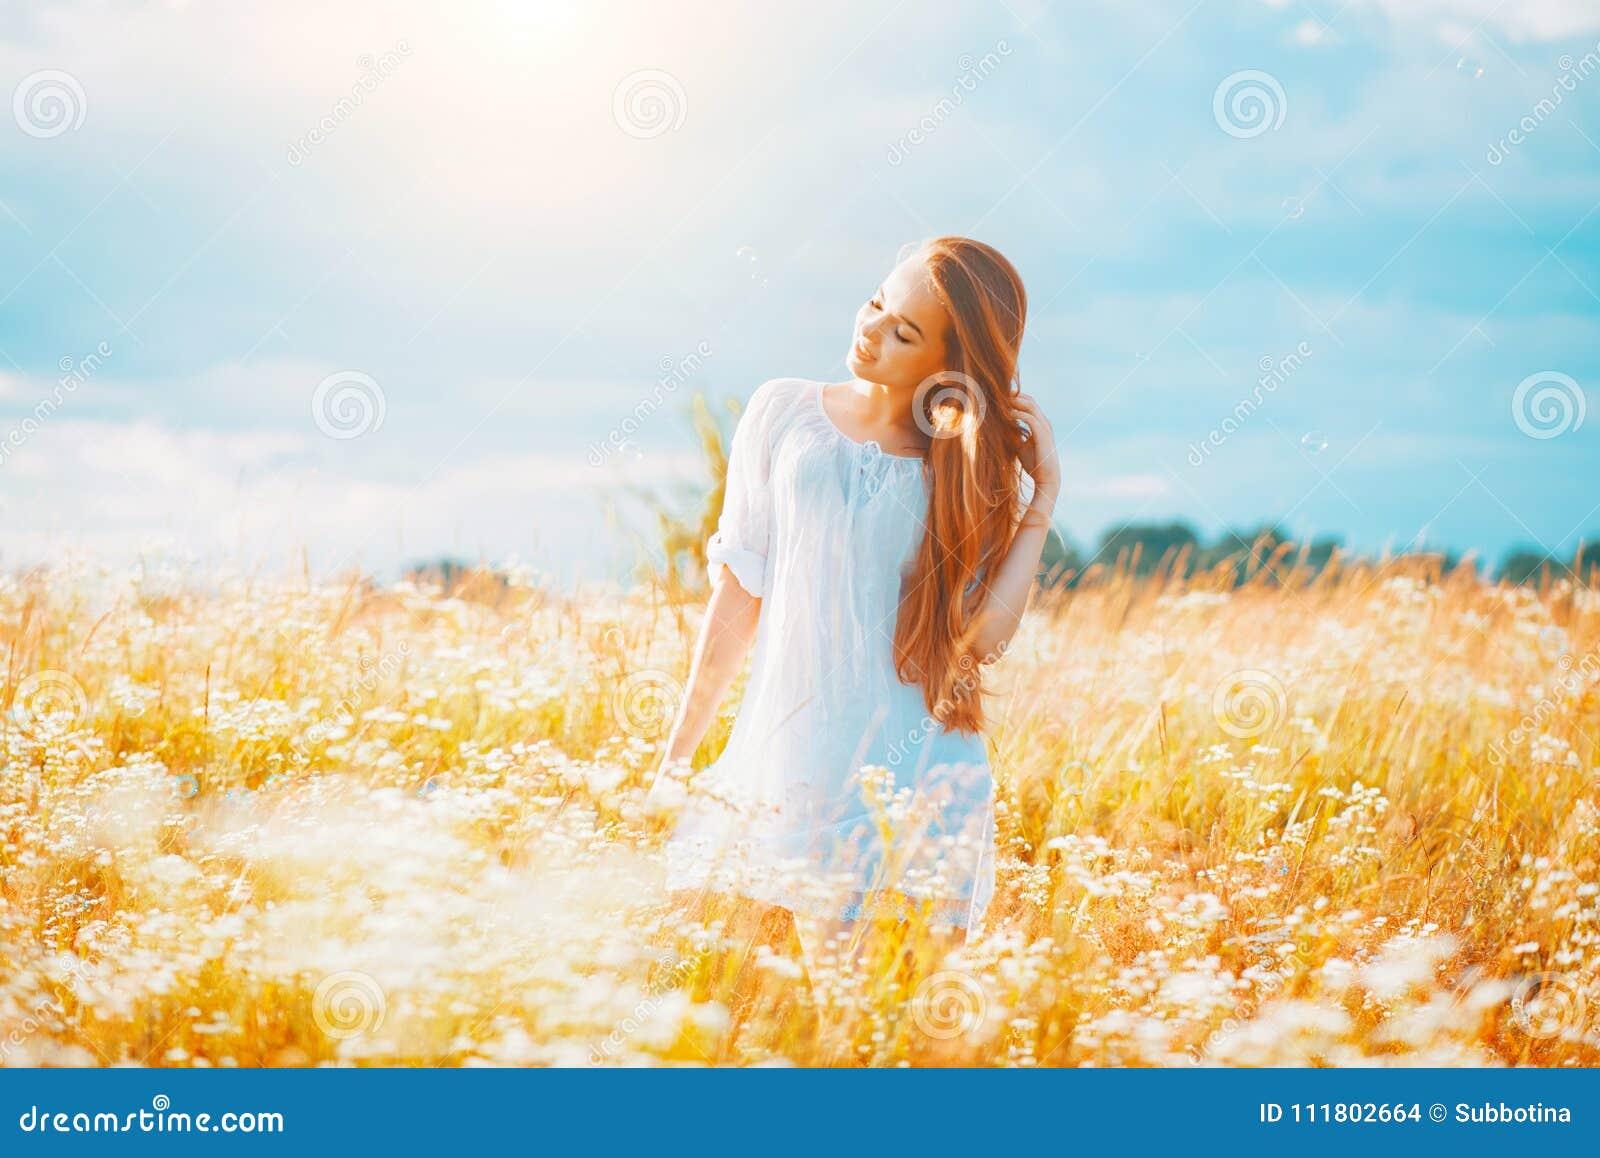 Muchacha de la belleza al aire libre que disfruta de la naturaleza Muchacha modelo adolescente hermosa con el pelo largo sano en